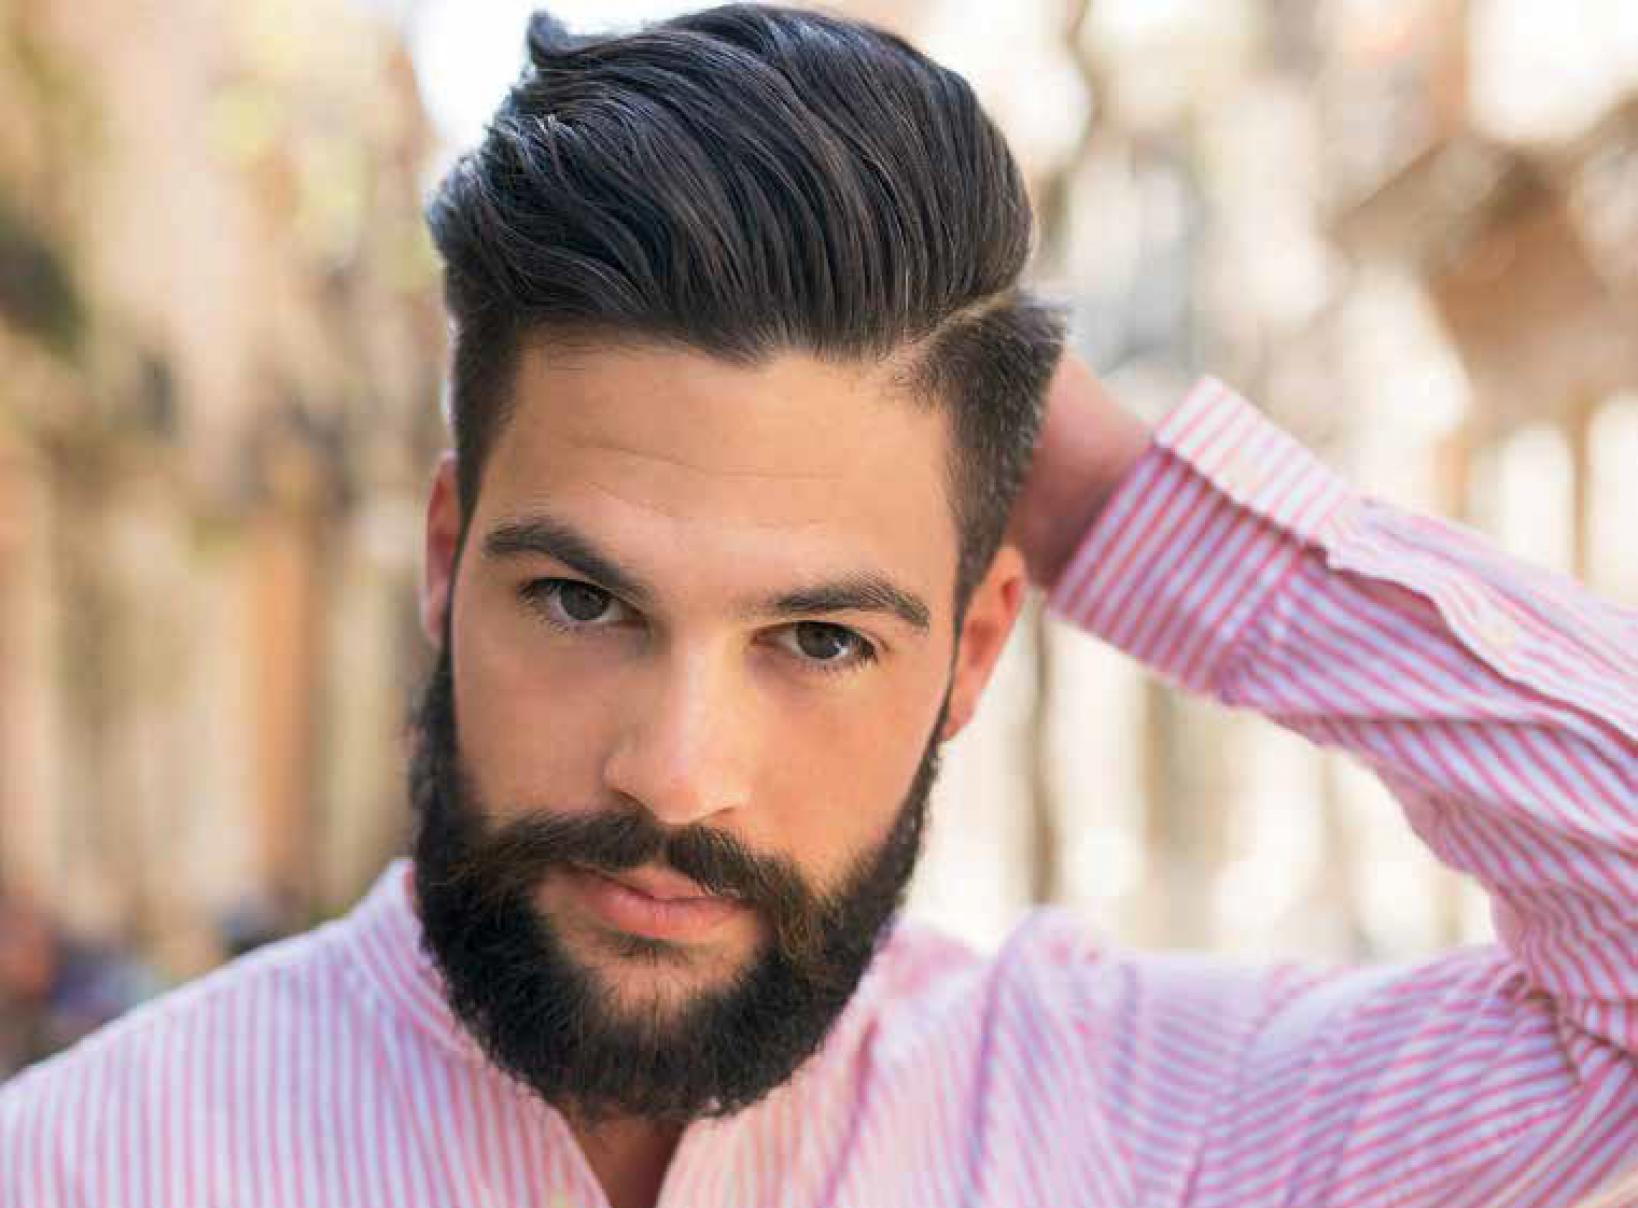 Męskie Fryzury Najważniejsze Trendy 2018 Facelook